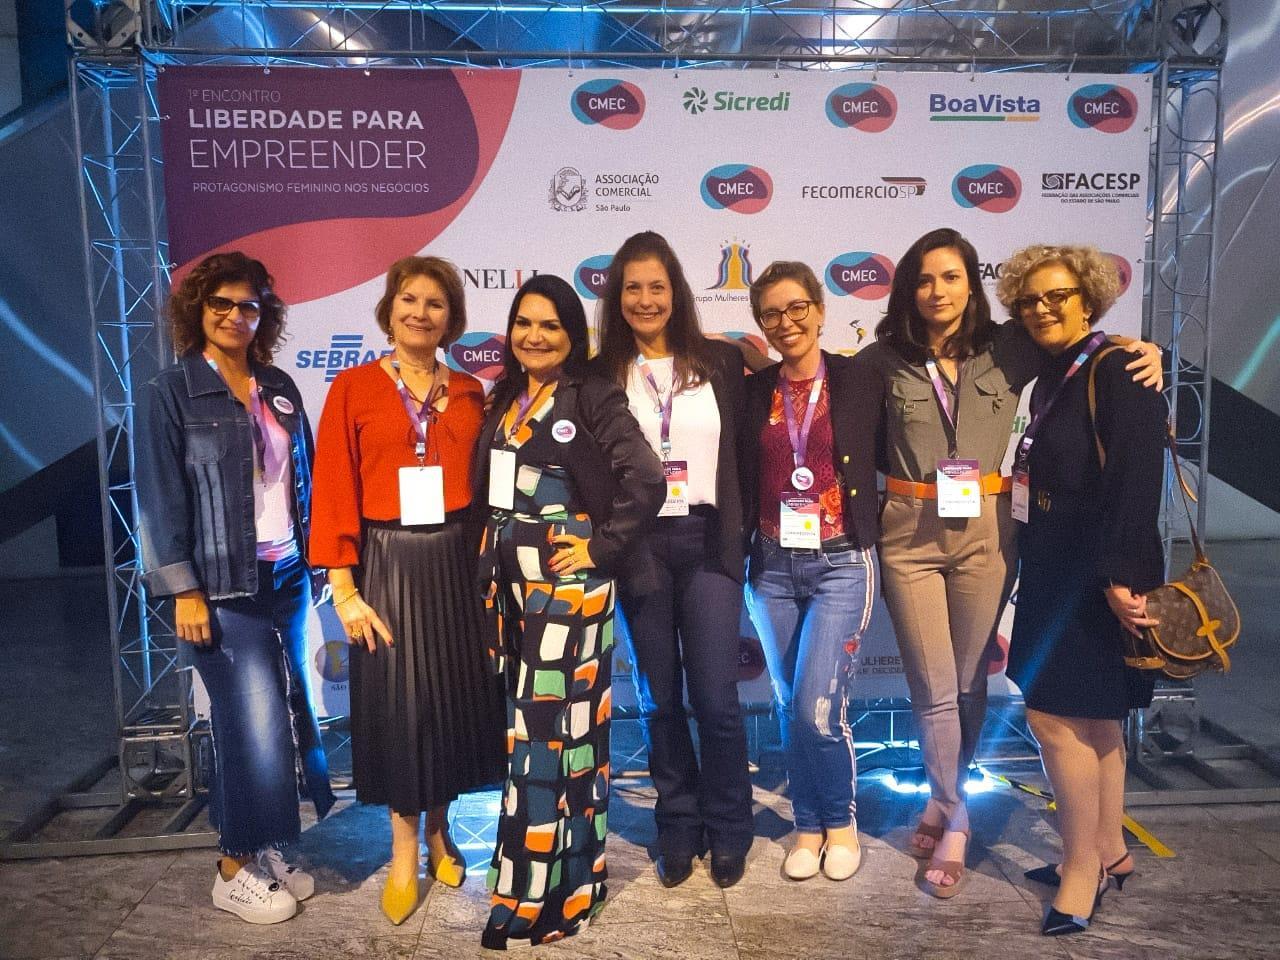 CME da ACIL participa de 1º Encontro Liberdade para Empreender